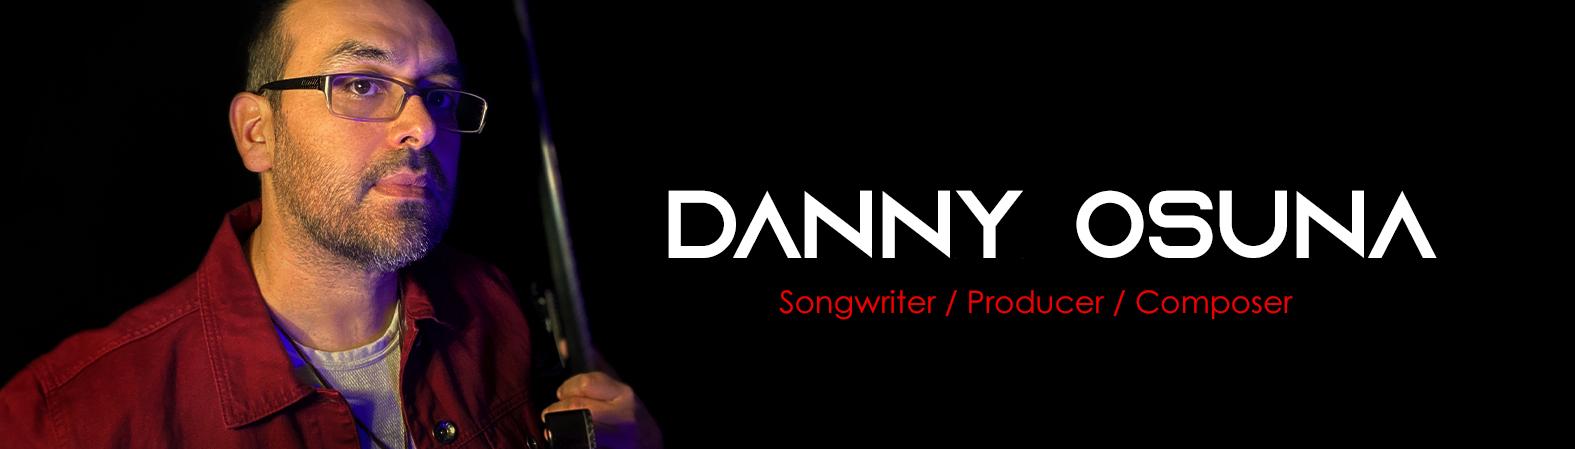 Danny Osuna